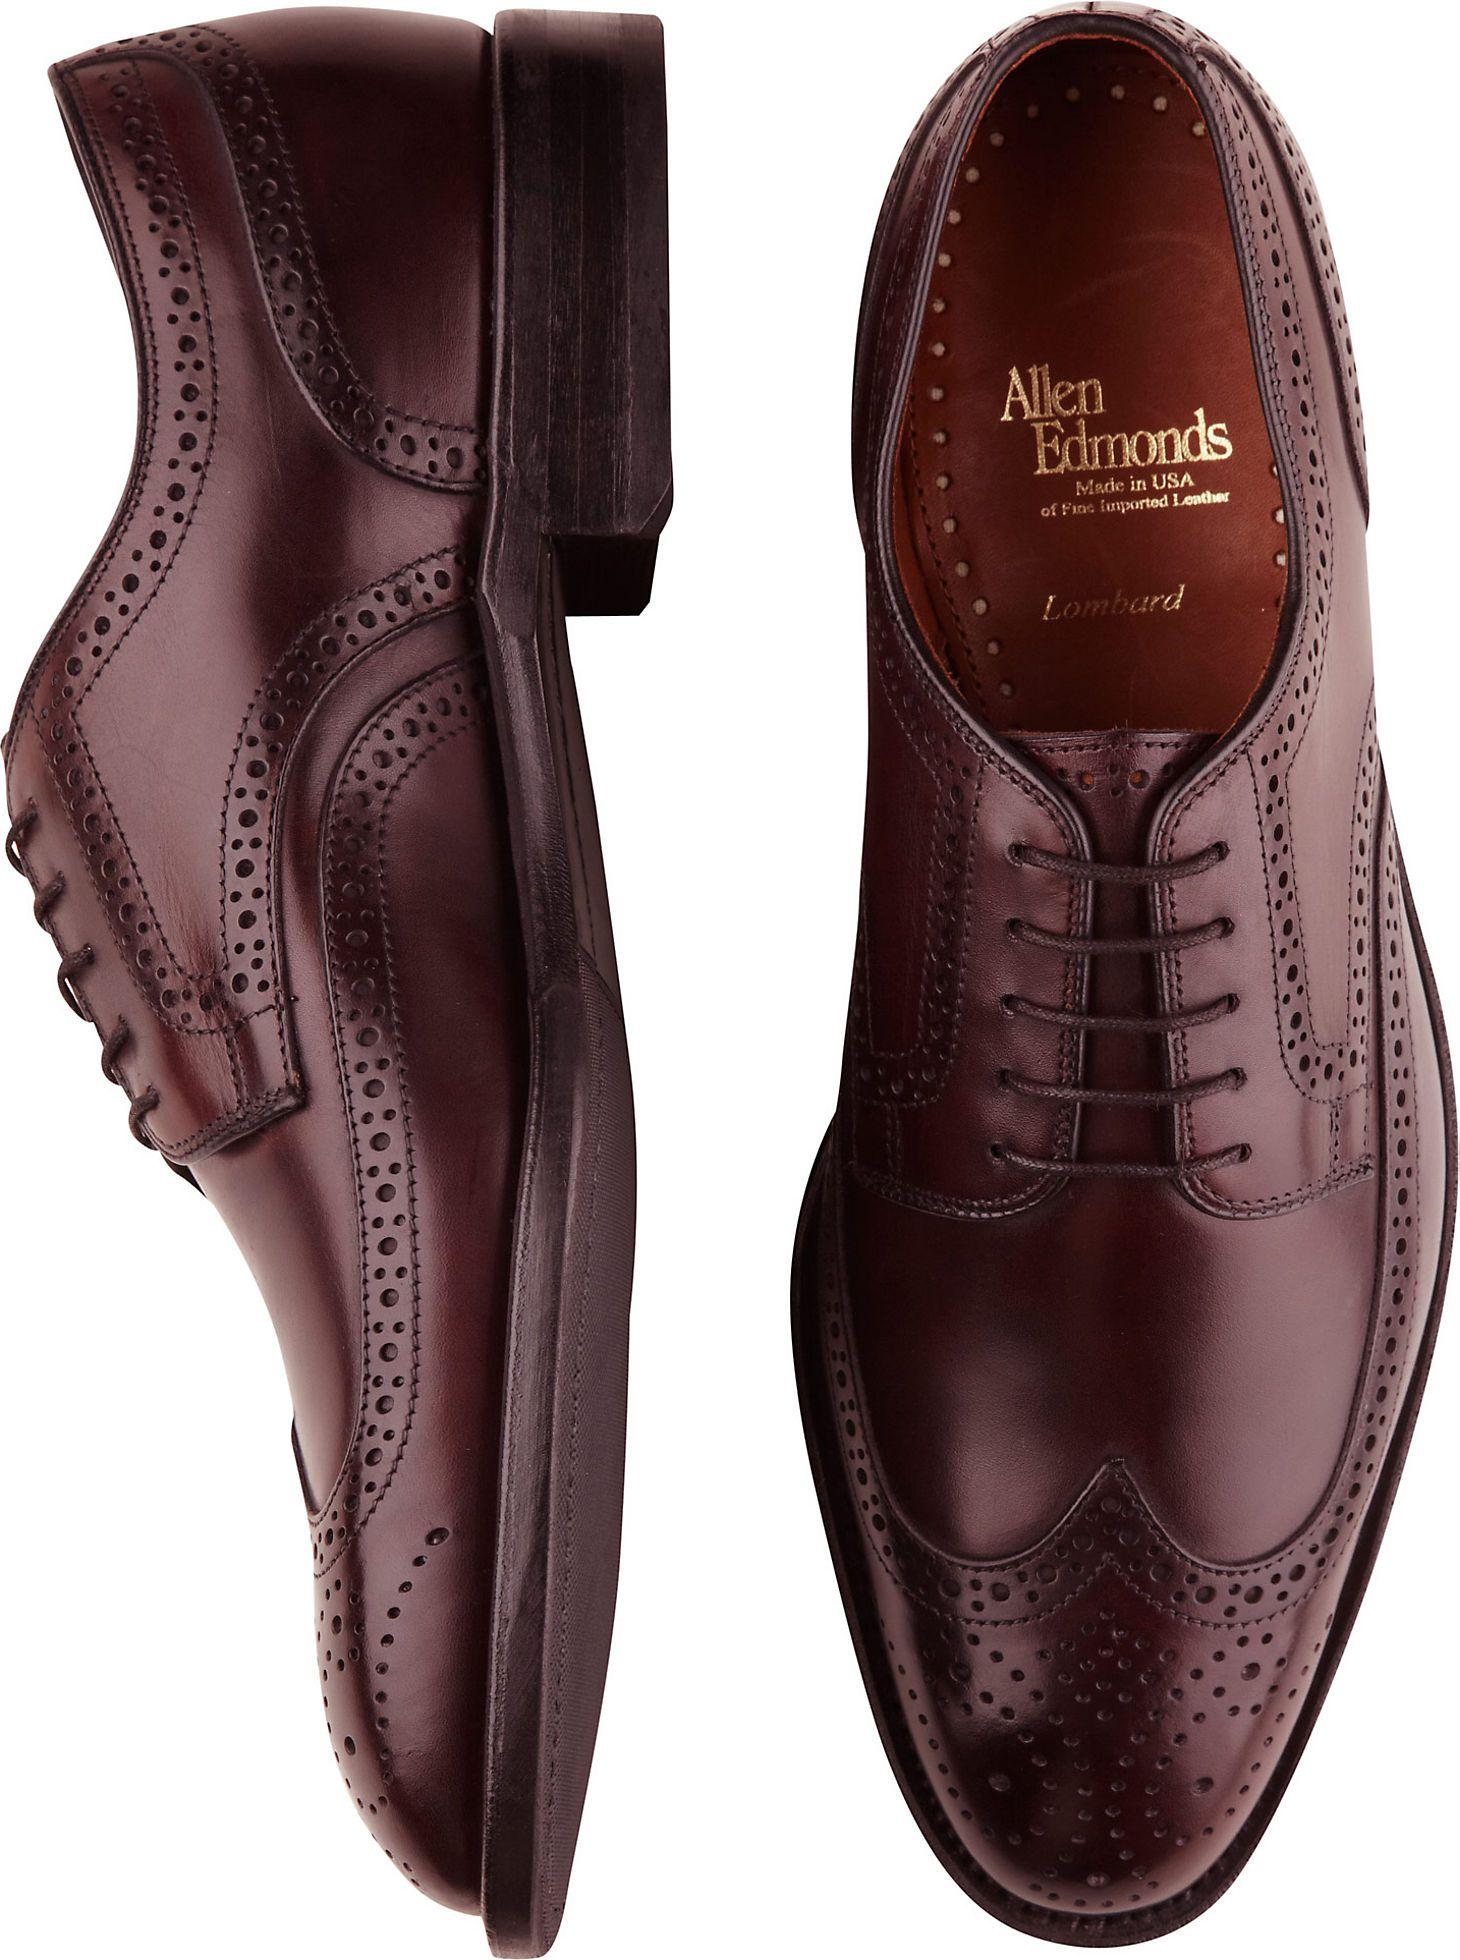 Shoes - Allen Edmonds Burgundy Lombard Wingtip Shoes - Men s Wearhouse 4a2fc25e1efc